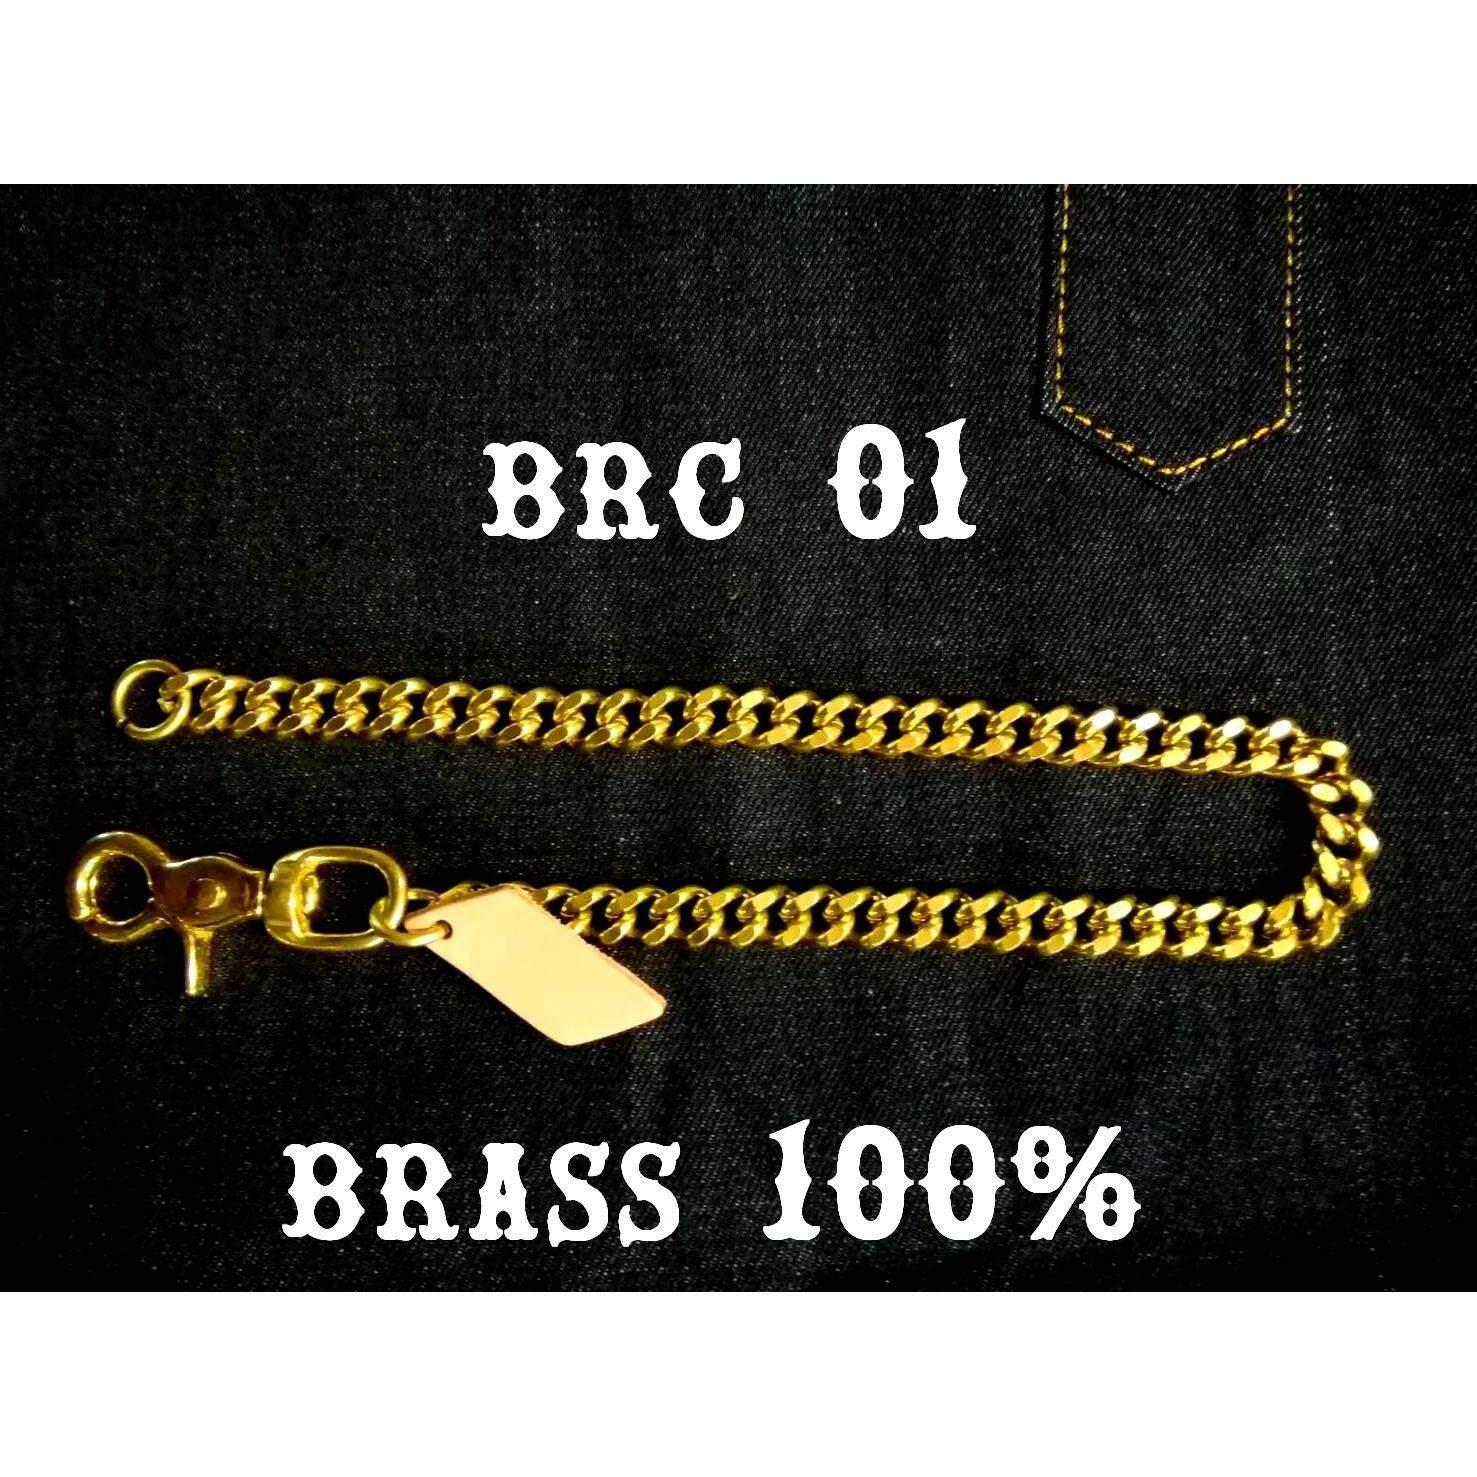 ขาย Barel Jpn โซ่ ทองเหลืองแท้ ห้อย กระเป๋า ใบยาว กระเป๋า อินเดียน ไบเกอร์ รุ่น Brc01 Barel ออนไลน์